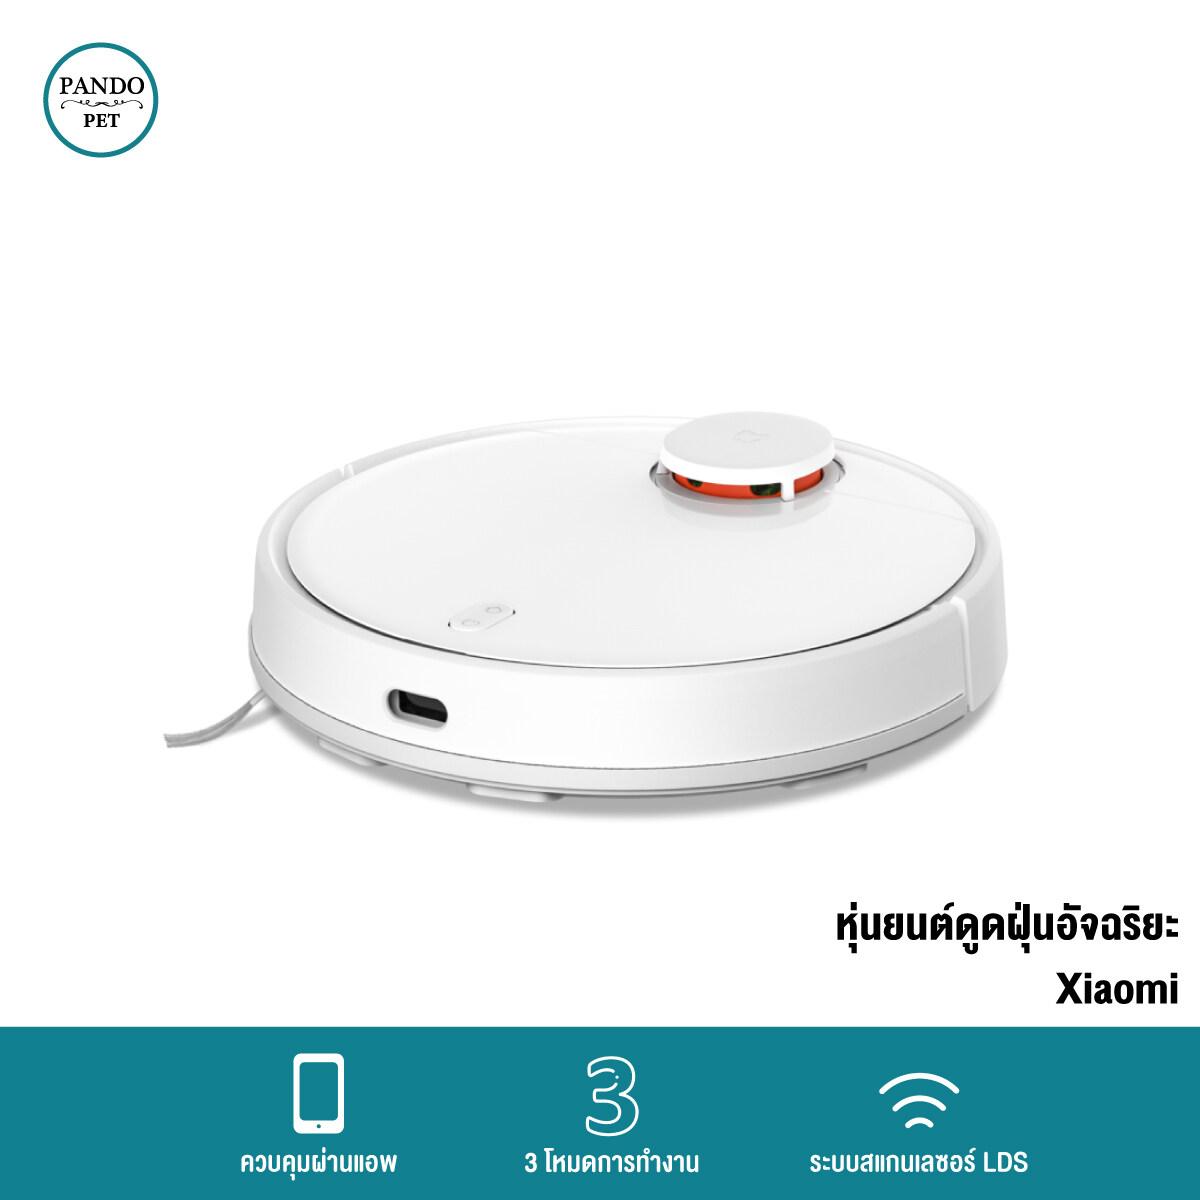 [ส่งฟรี] Pando Pet Mi Robot Vacuum-Mop Pro เครื่องใช้ไฟฟ้าขนาดเล็ก เครื่องดูดฝุ่น หุ่นยนต์ดูดฝุ่น